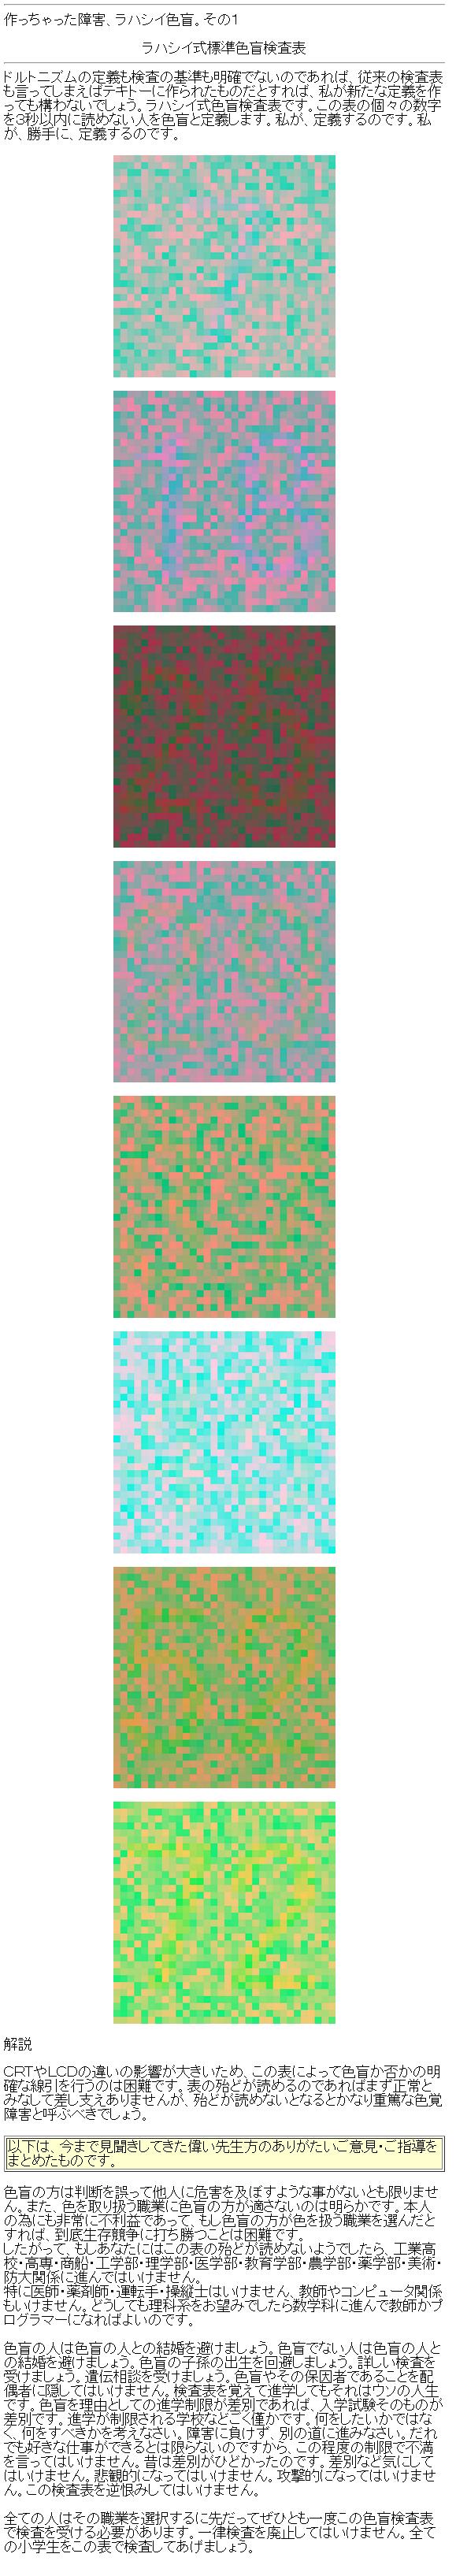 ラハシイ式標準色盲検査・